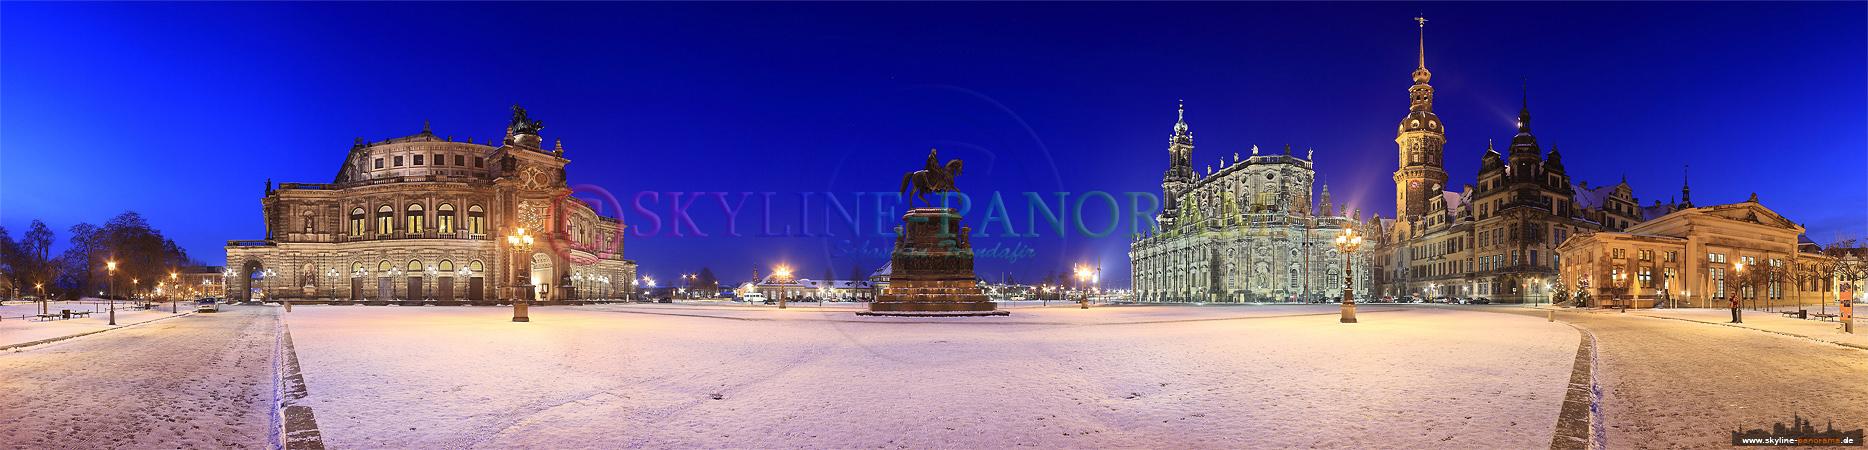 Winterbilder Dresden - Der verschneite Theaterplatz mit der bekannten Semperoper, der Hofkirche, dem Hausmannsturm und dem Reiterstandbild König Johanns. Dieses Panorama entstand zur Dämmerung, in der so genannten Blauen Stunde, bei eisigen Temperaturen.